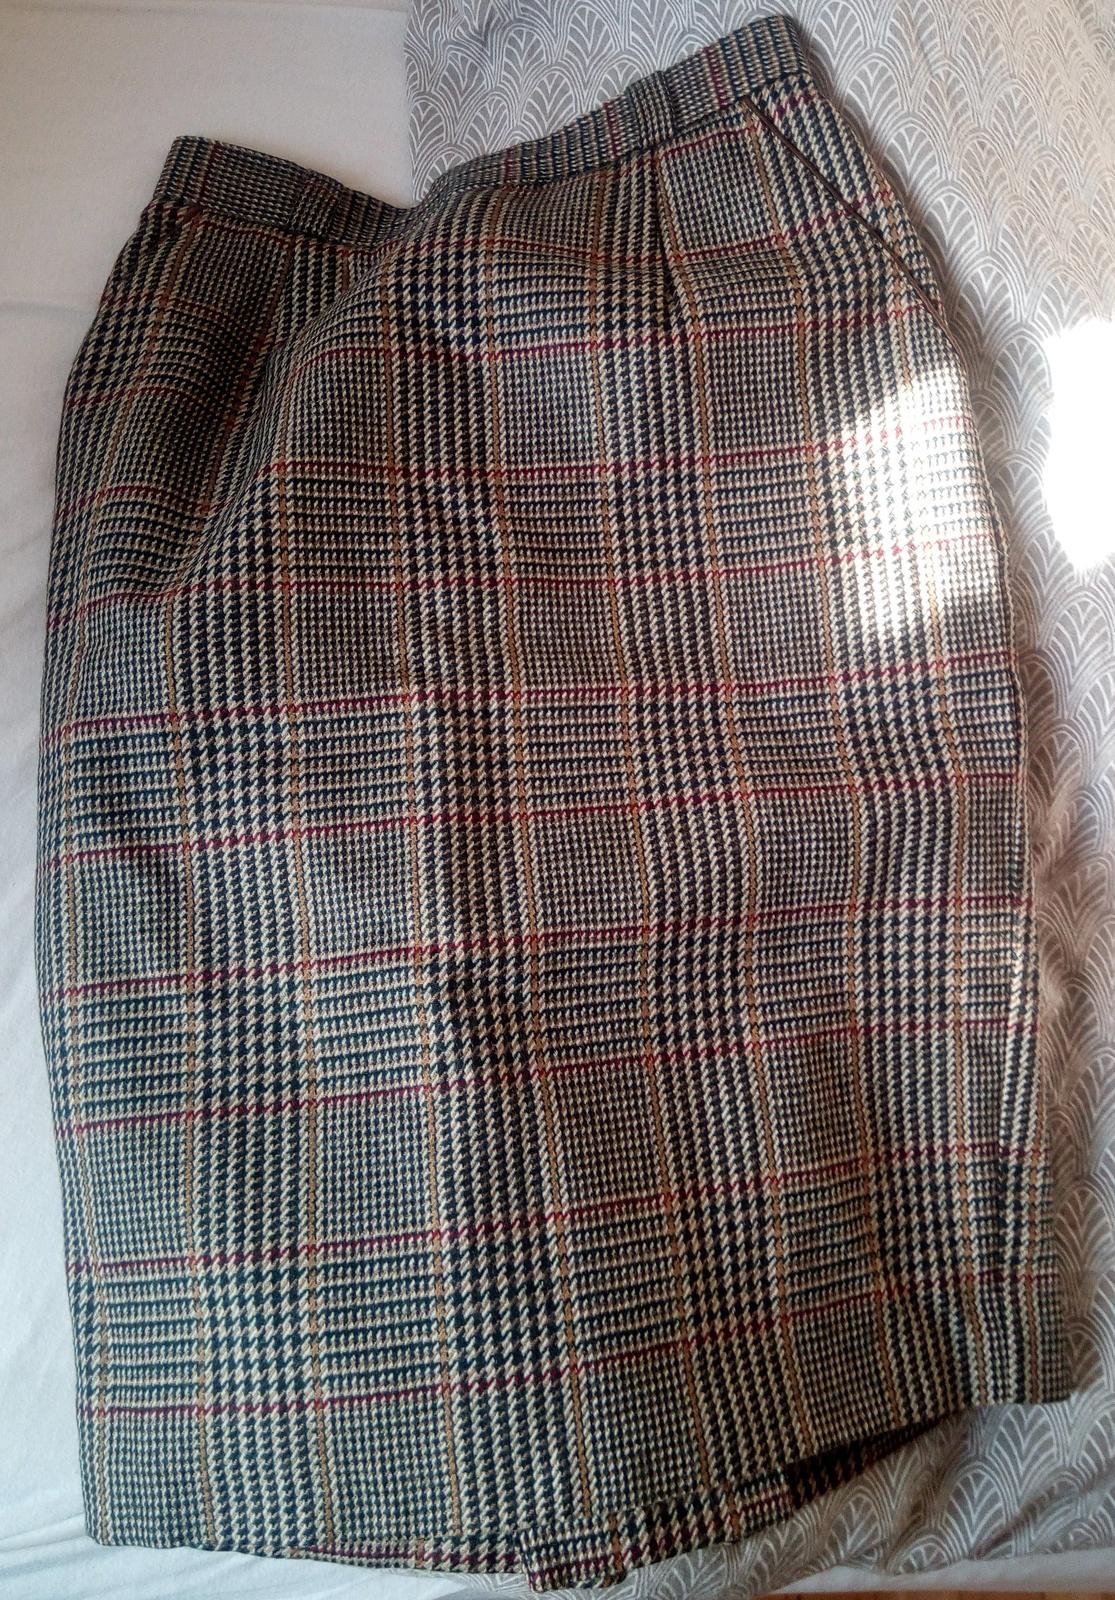 Vlnená károvaná sukňa S - Obrázok č. 1